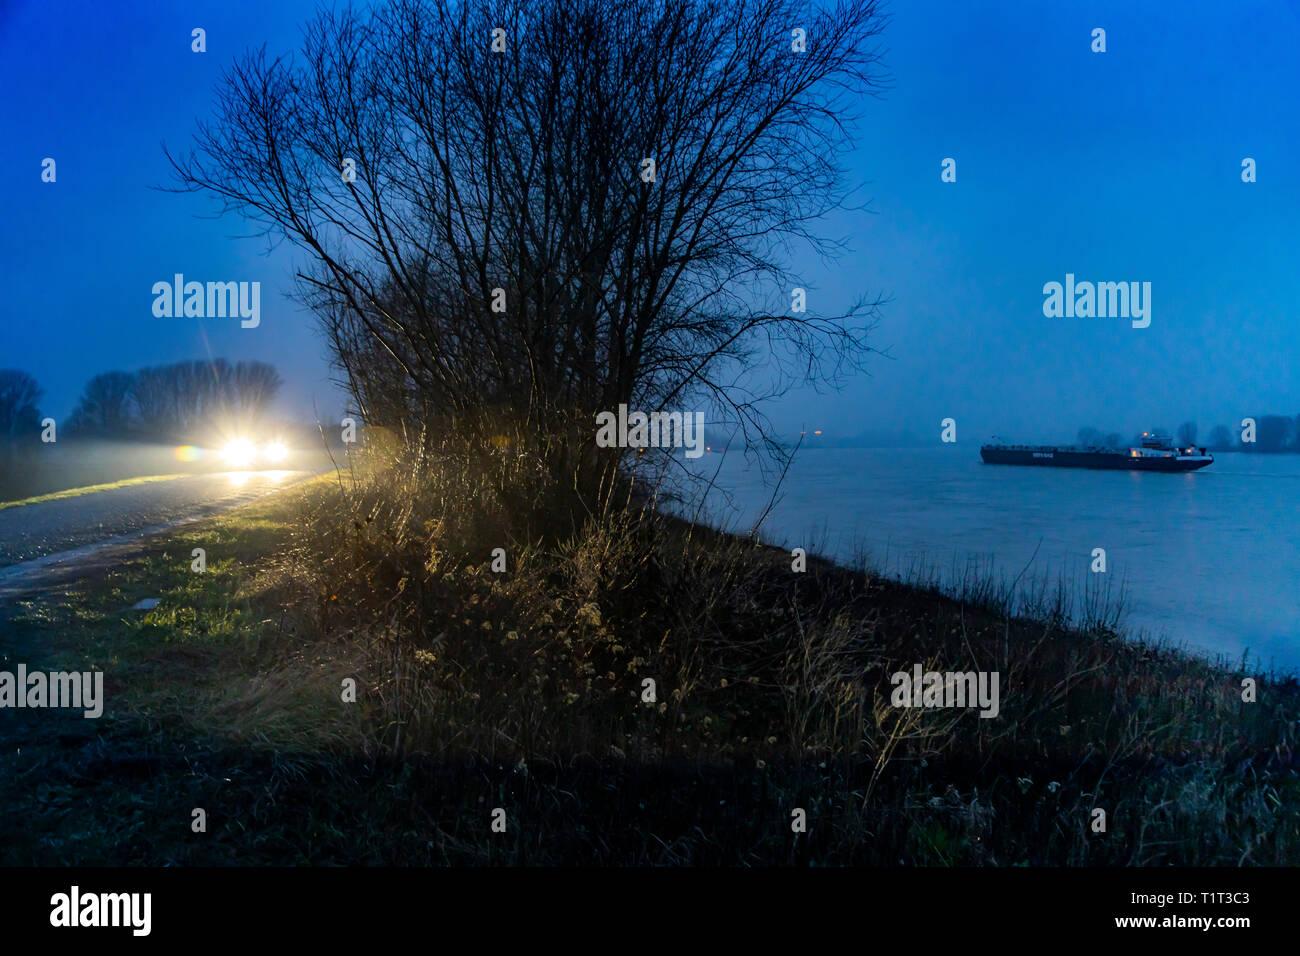 Frachtschiff bei auf dem Rhein bei Xanten, am Niederrhein, bei Nebel in der Dämmerung, Auto auf Landstrasse, - Stock Image